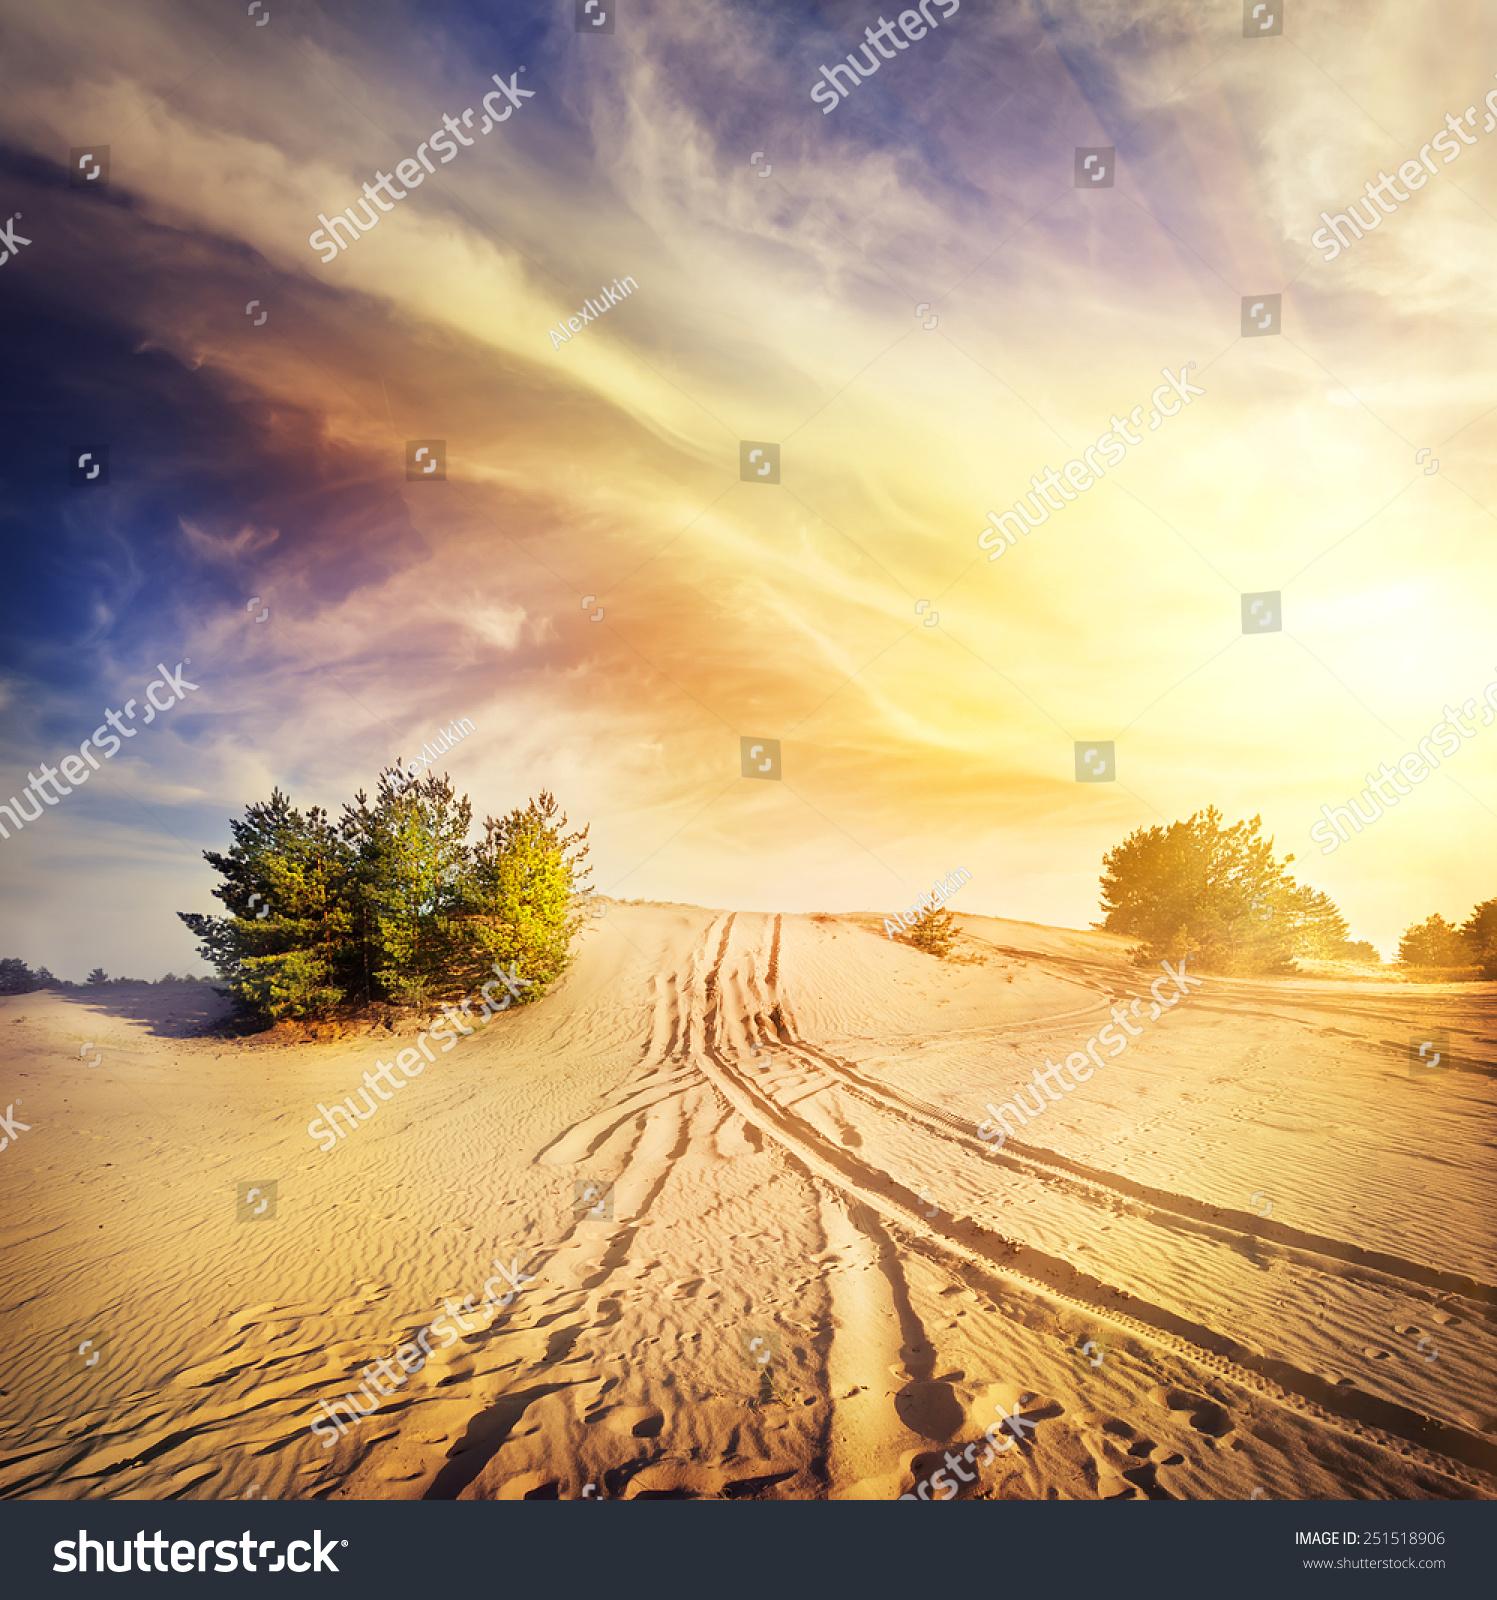 Images Of Hot Desert Sand Sky FAN - A hot desert